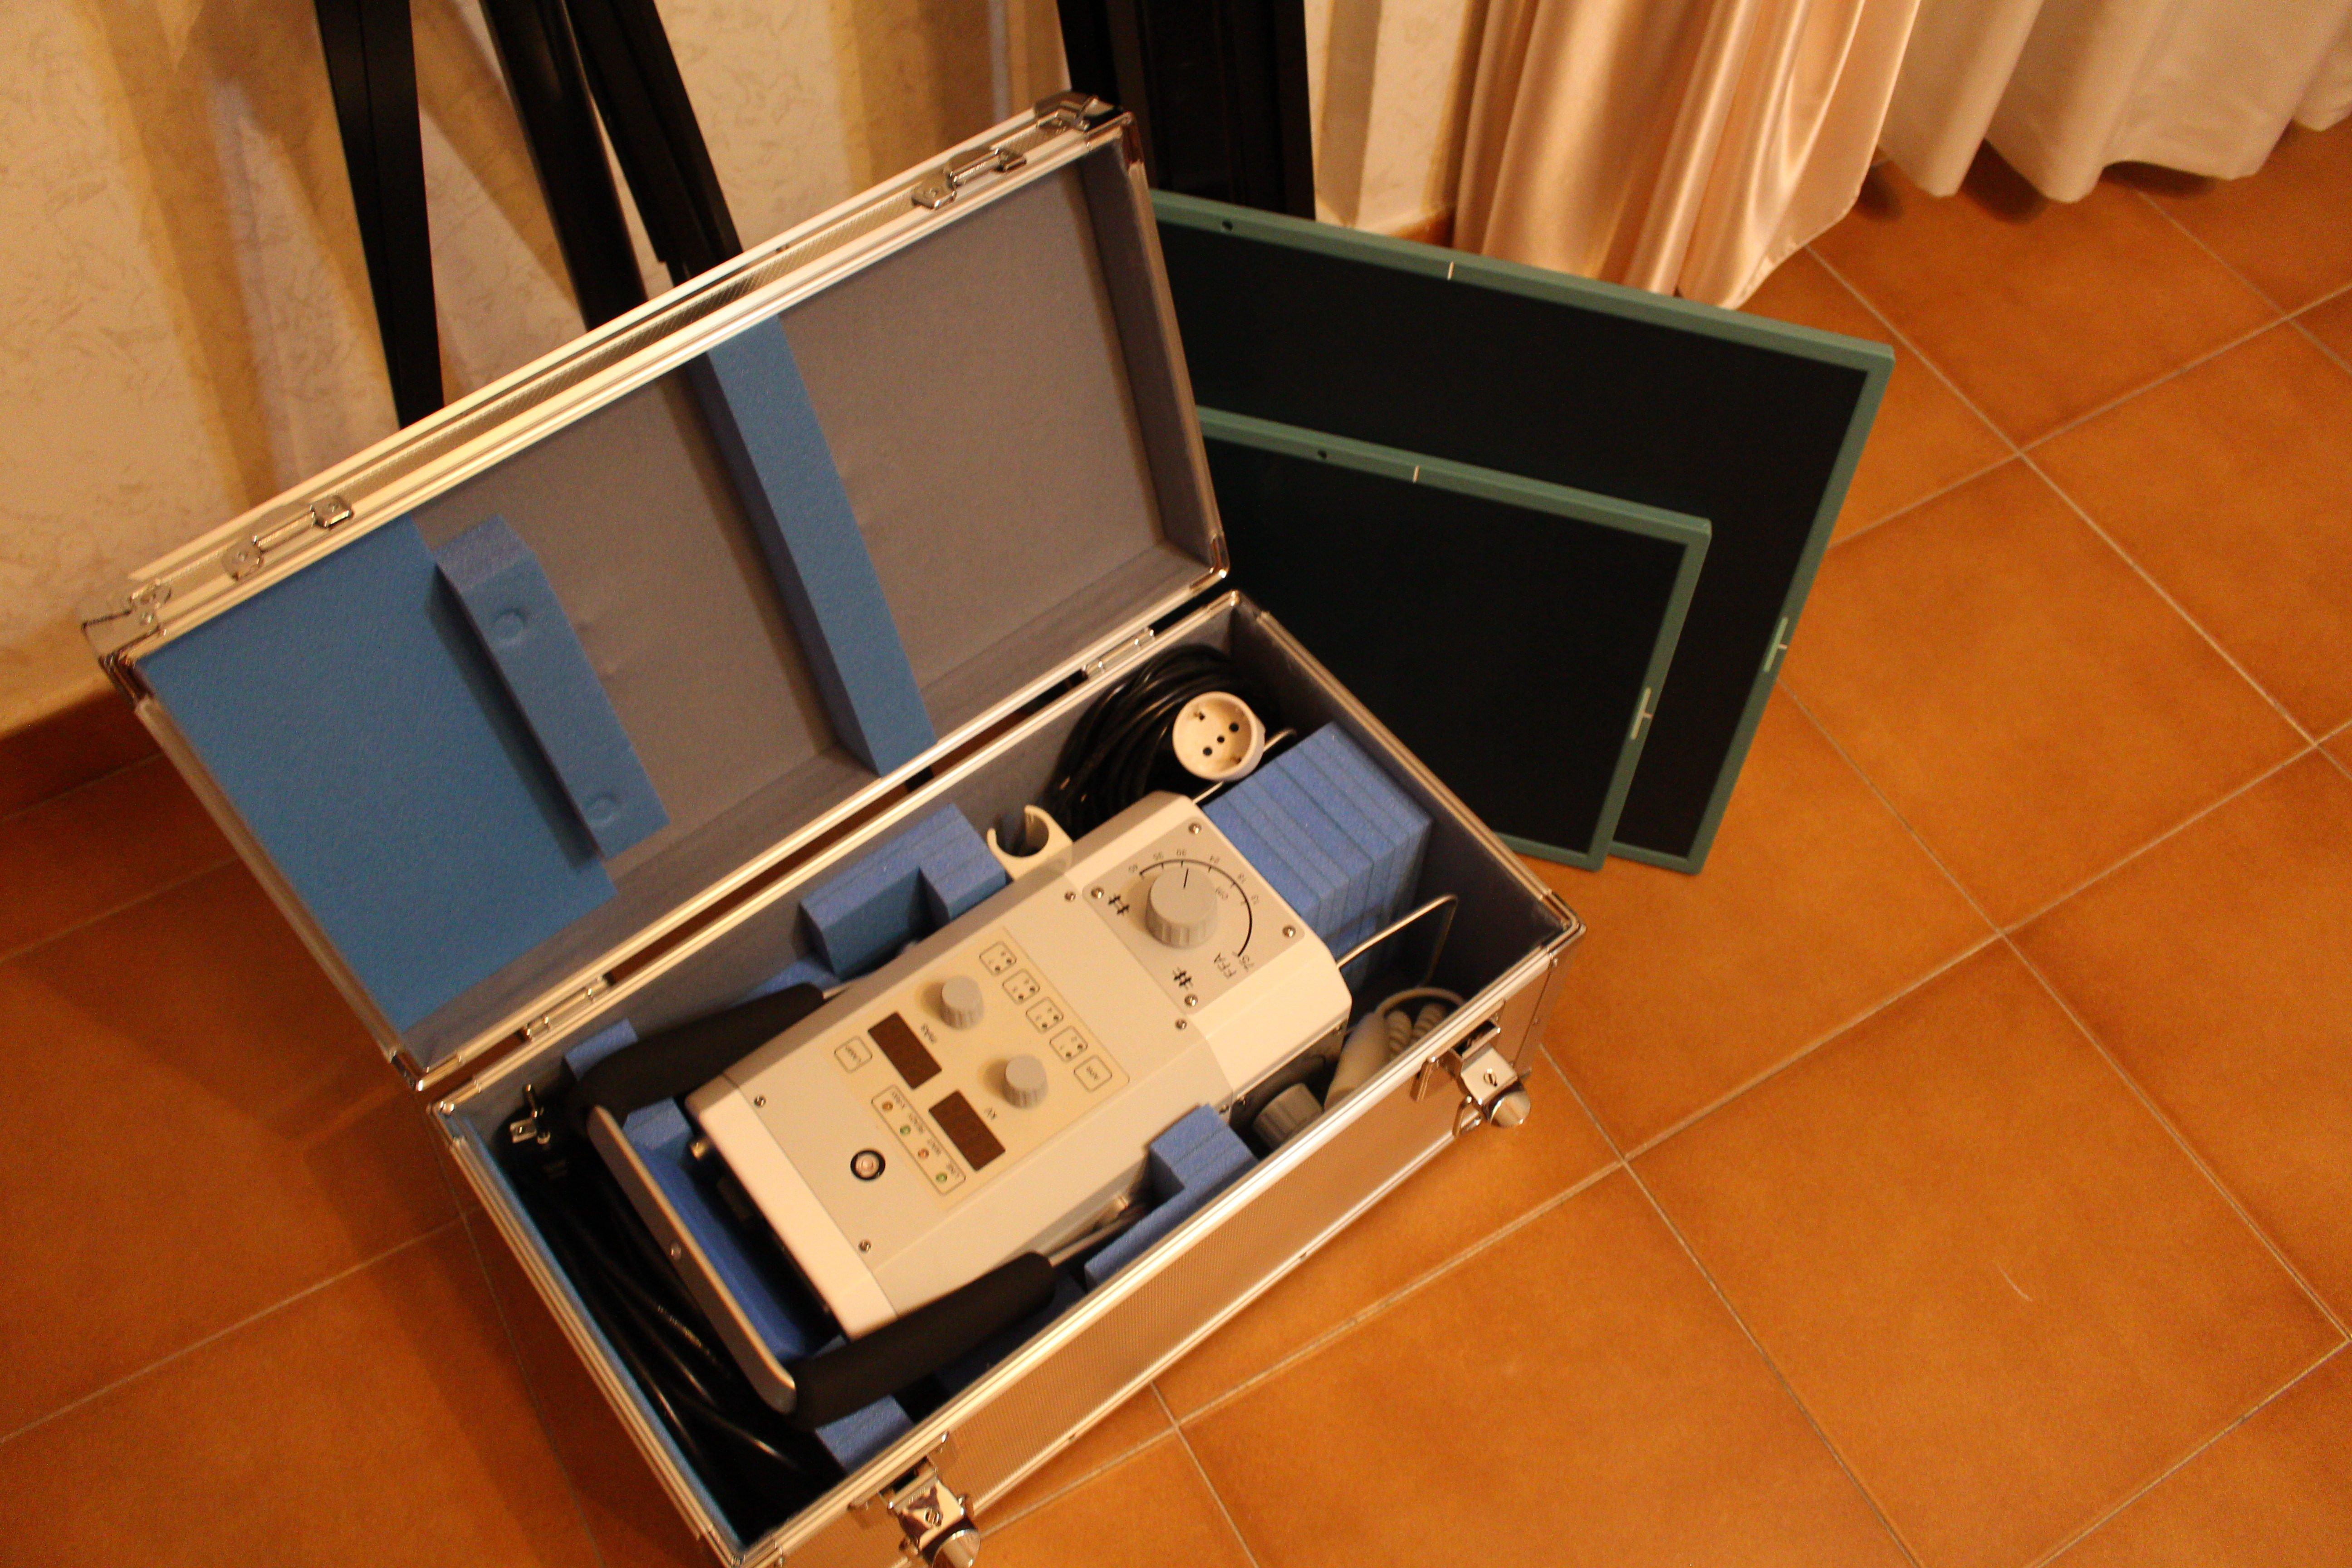 attrezzatura per radiologia a casa